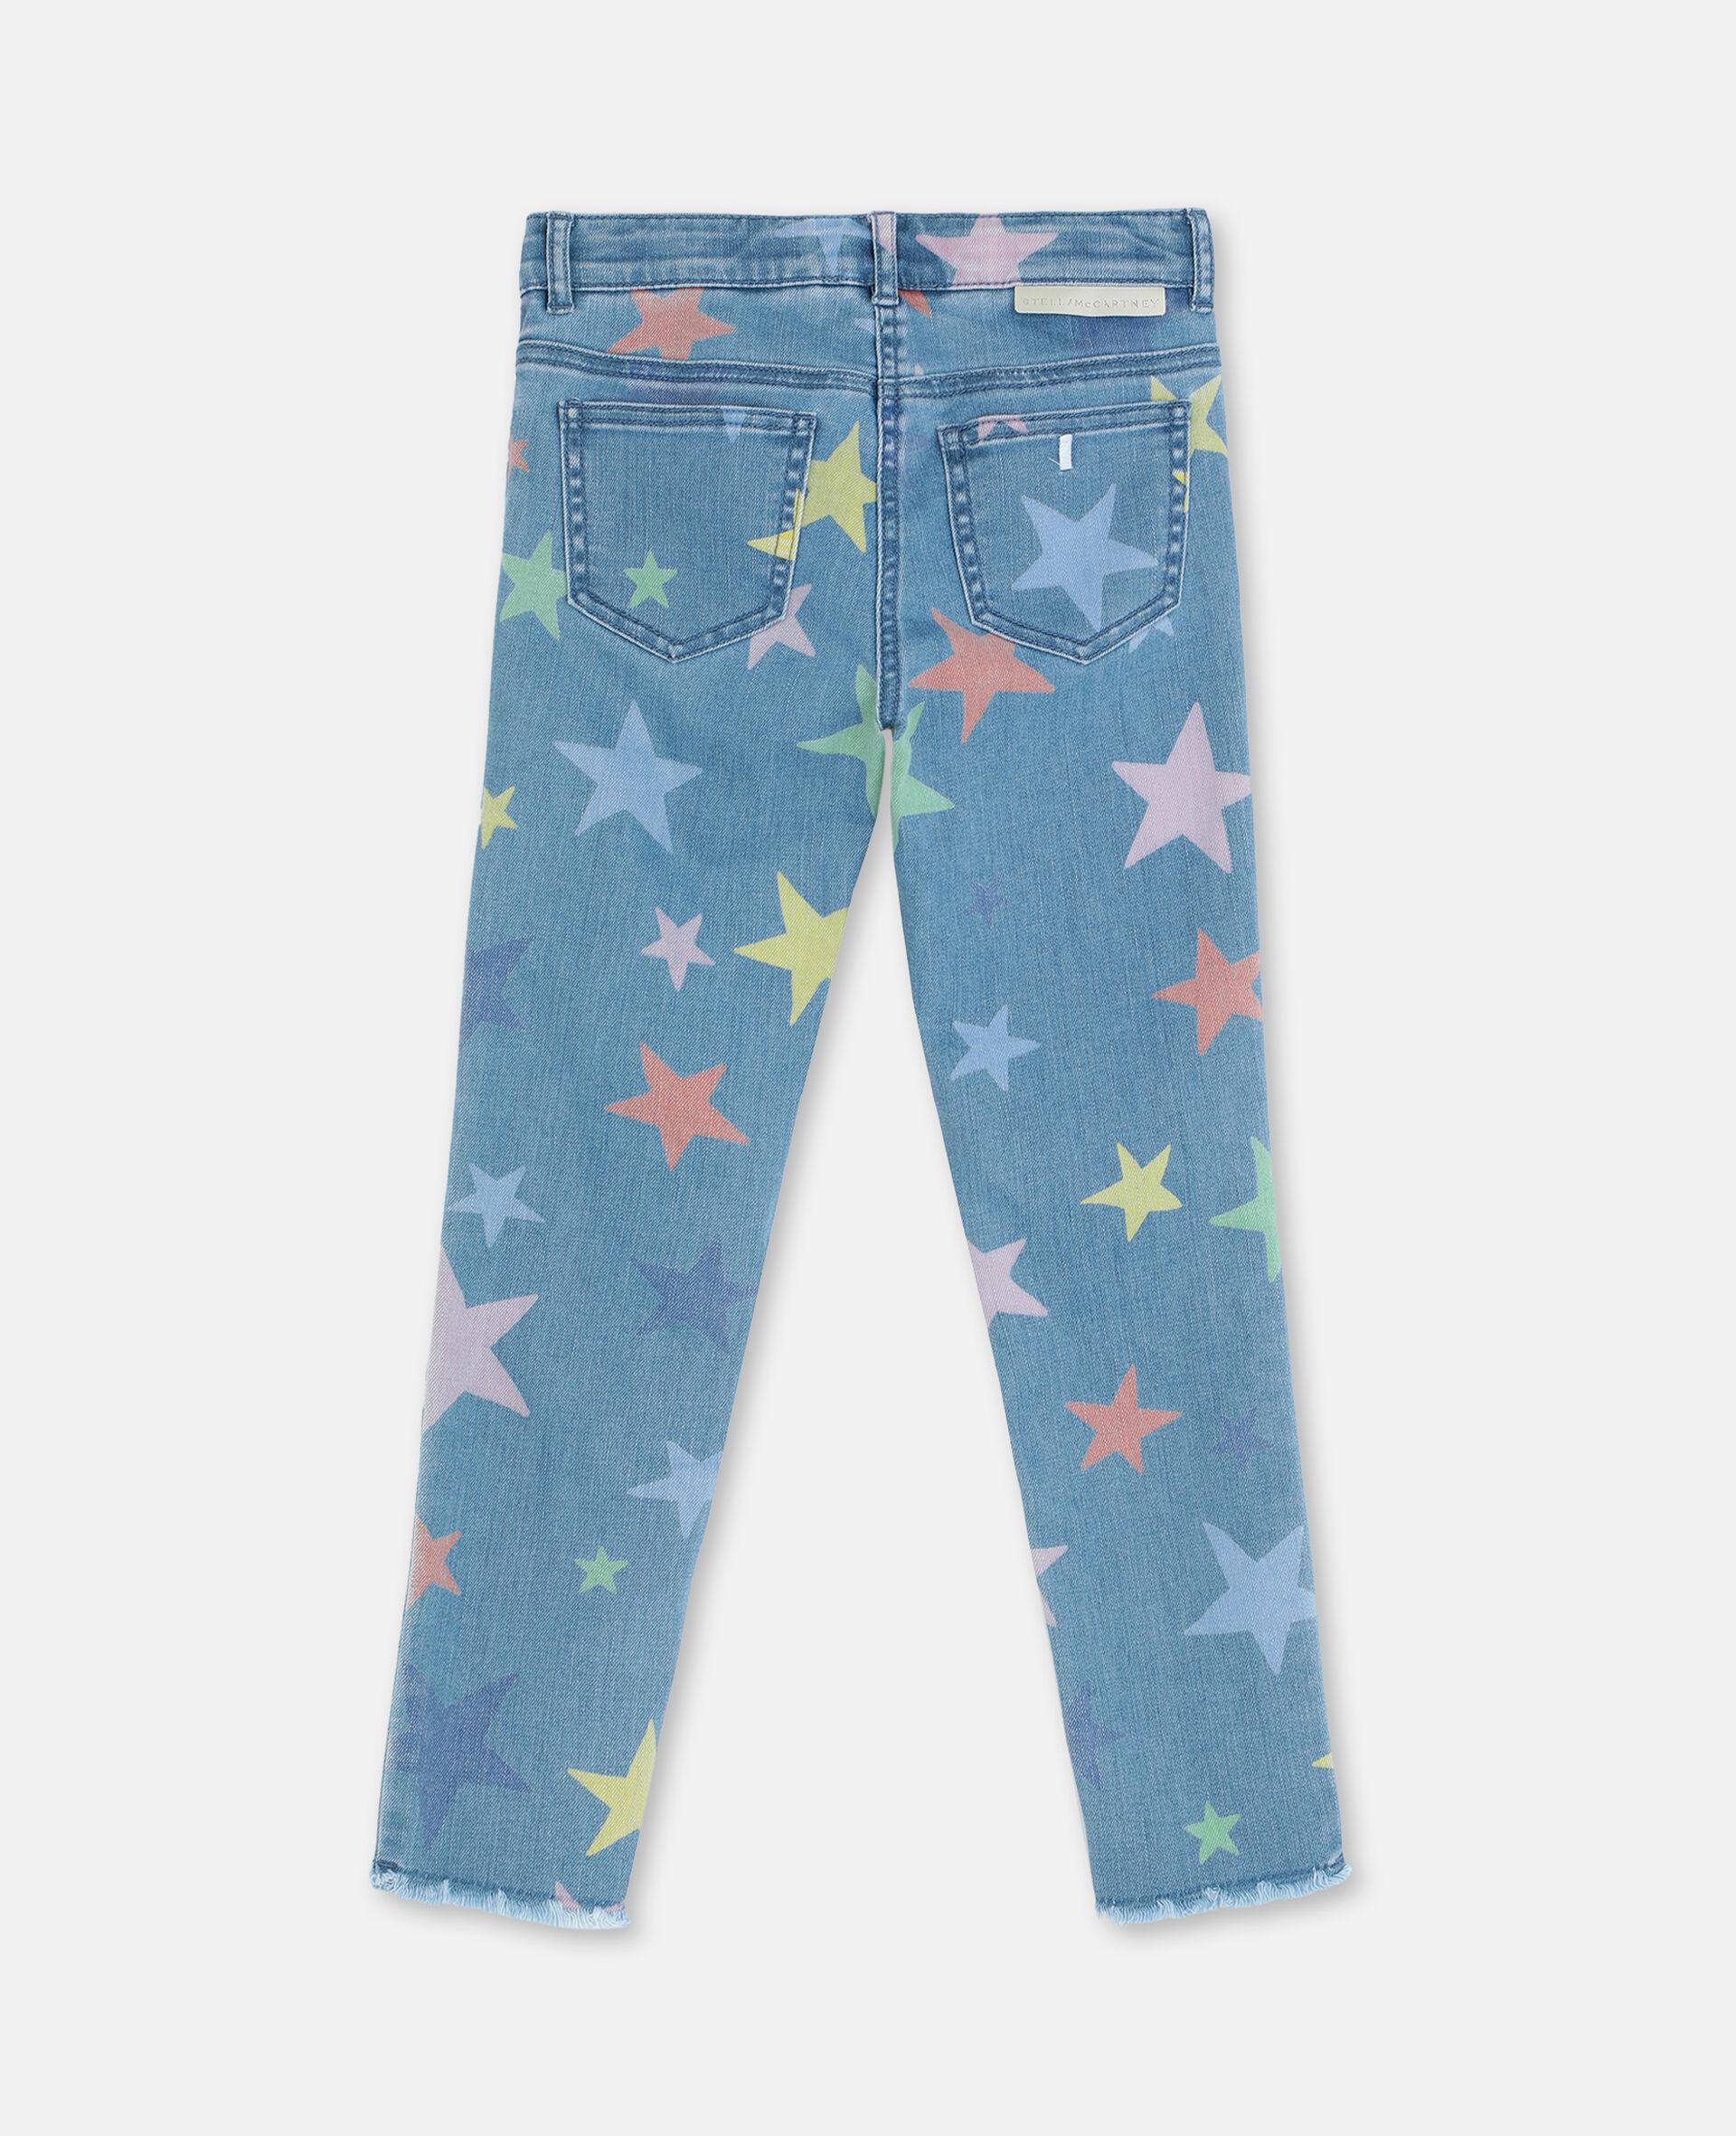 Pantalon en denim skinny avec étoiles multicolores-Fantaisie-large image number 3